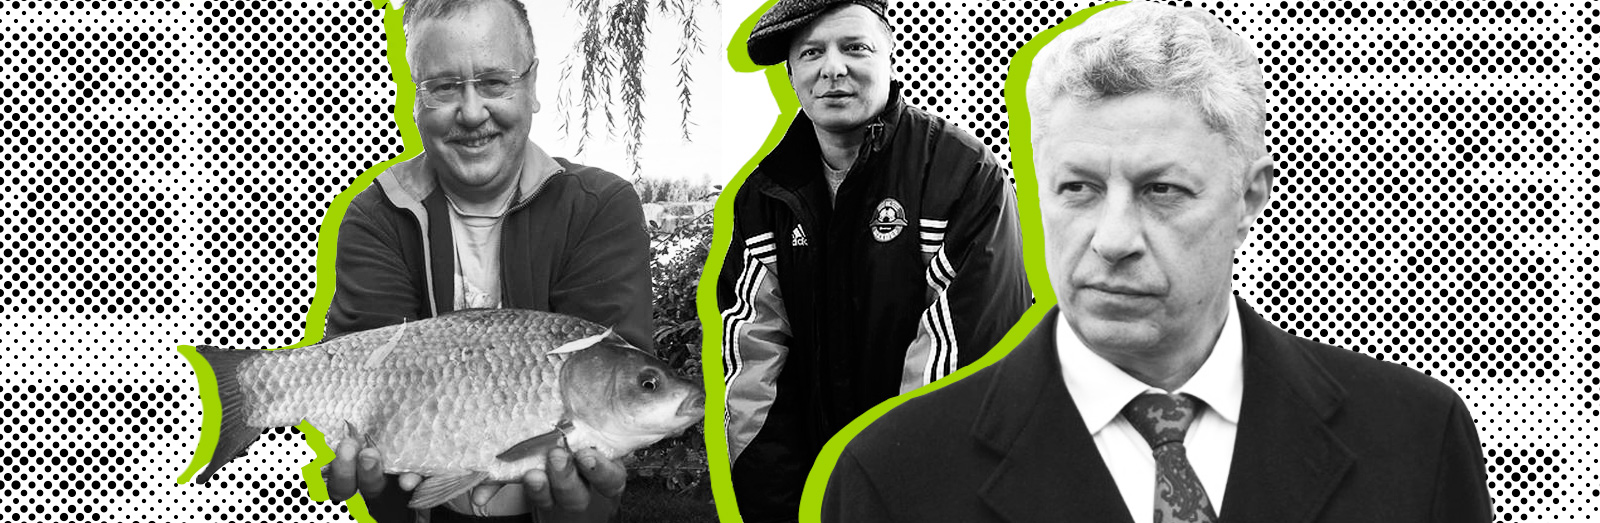 Стиль життя кандидатів. Гриценко на риболовлі, Ляшко з собаками, Бойко у спортивному костюмі (фото)